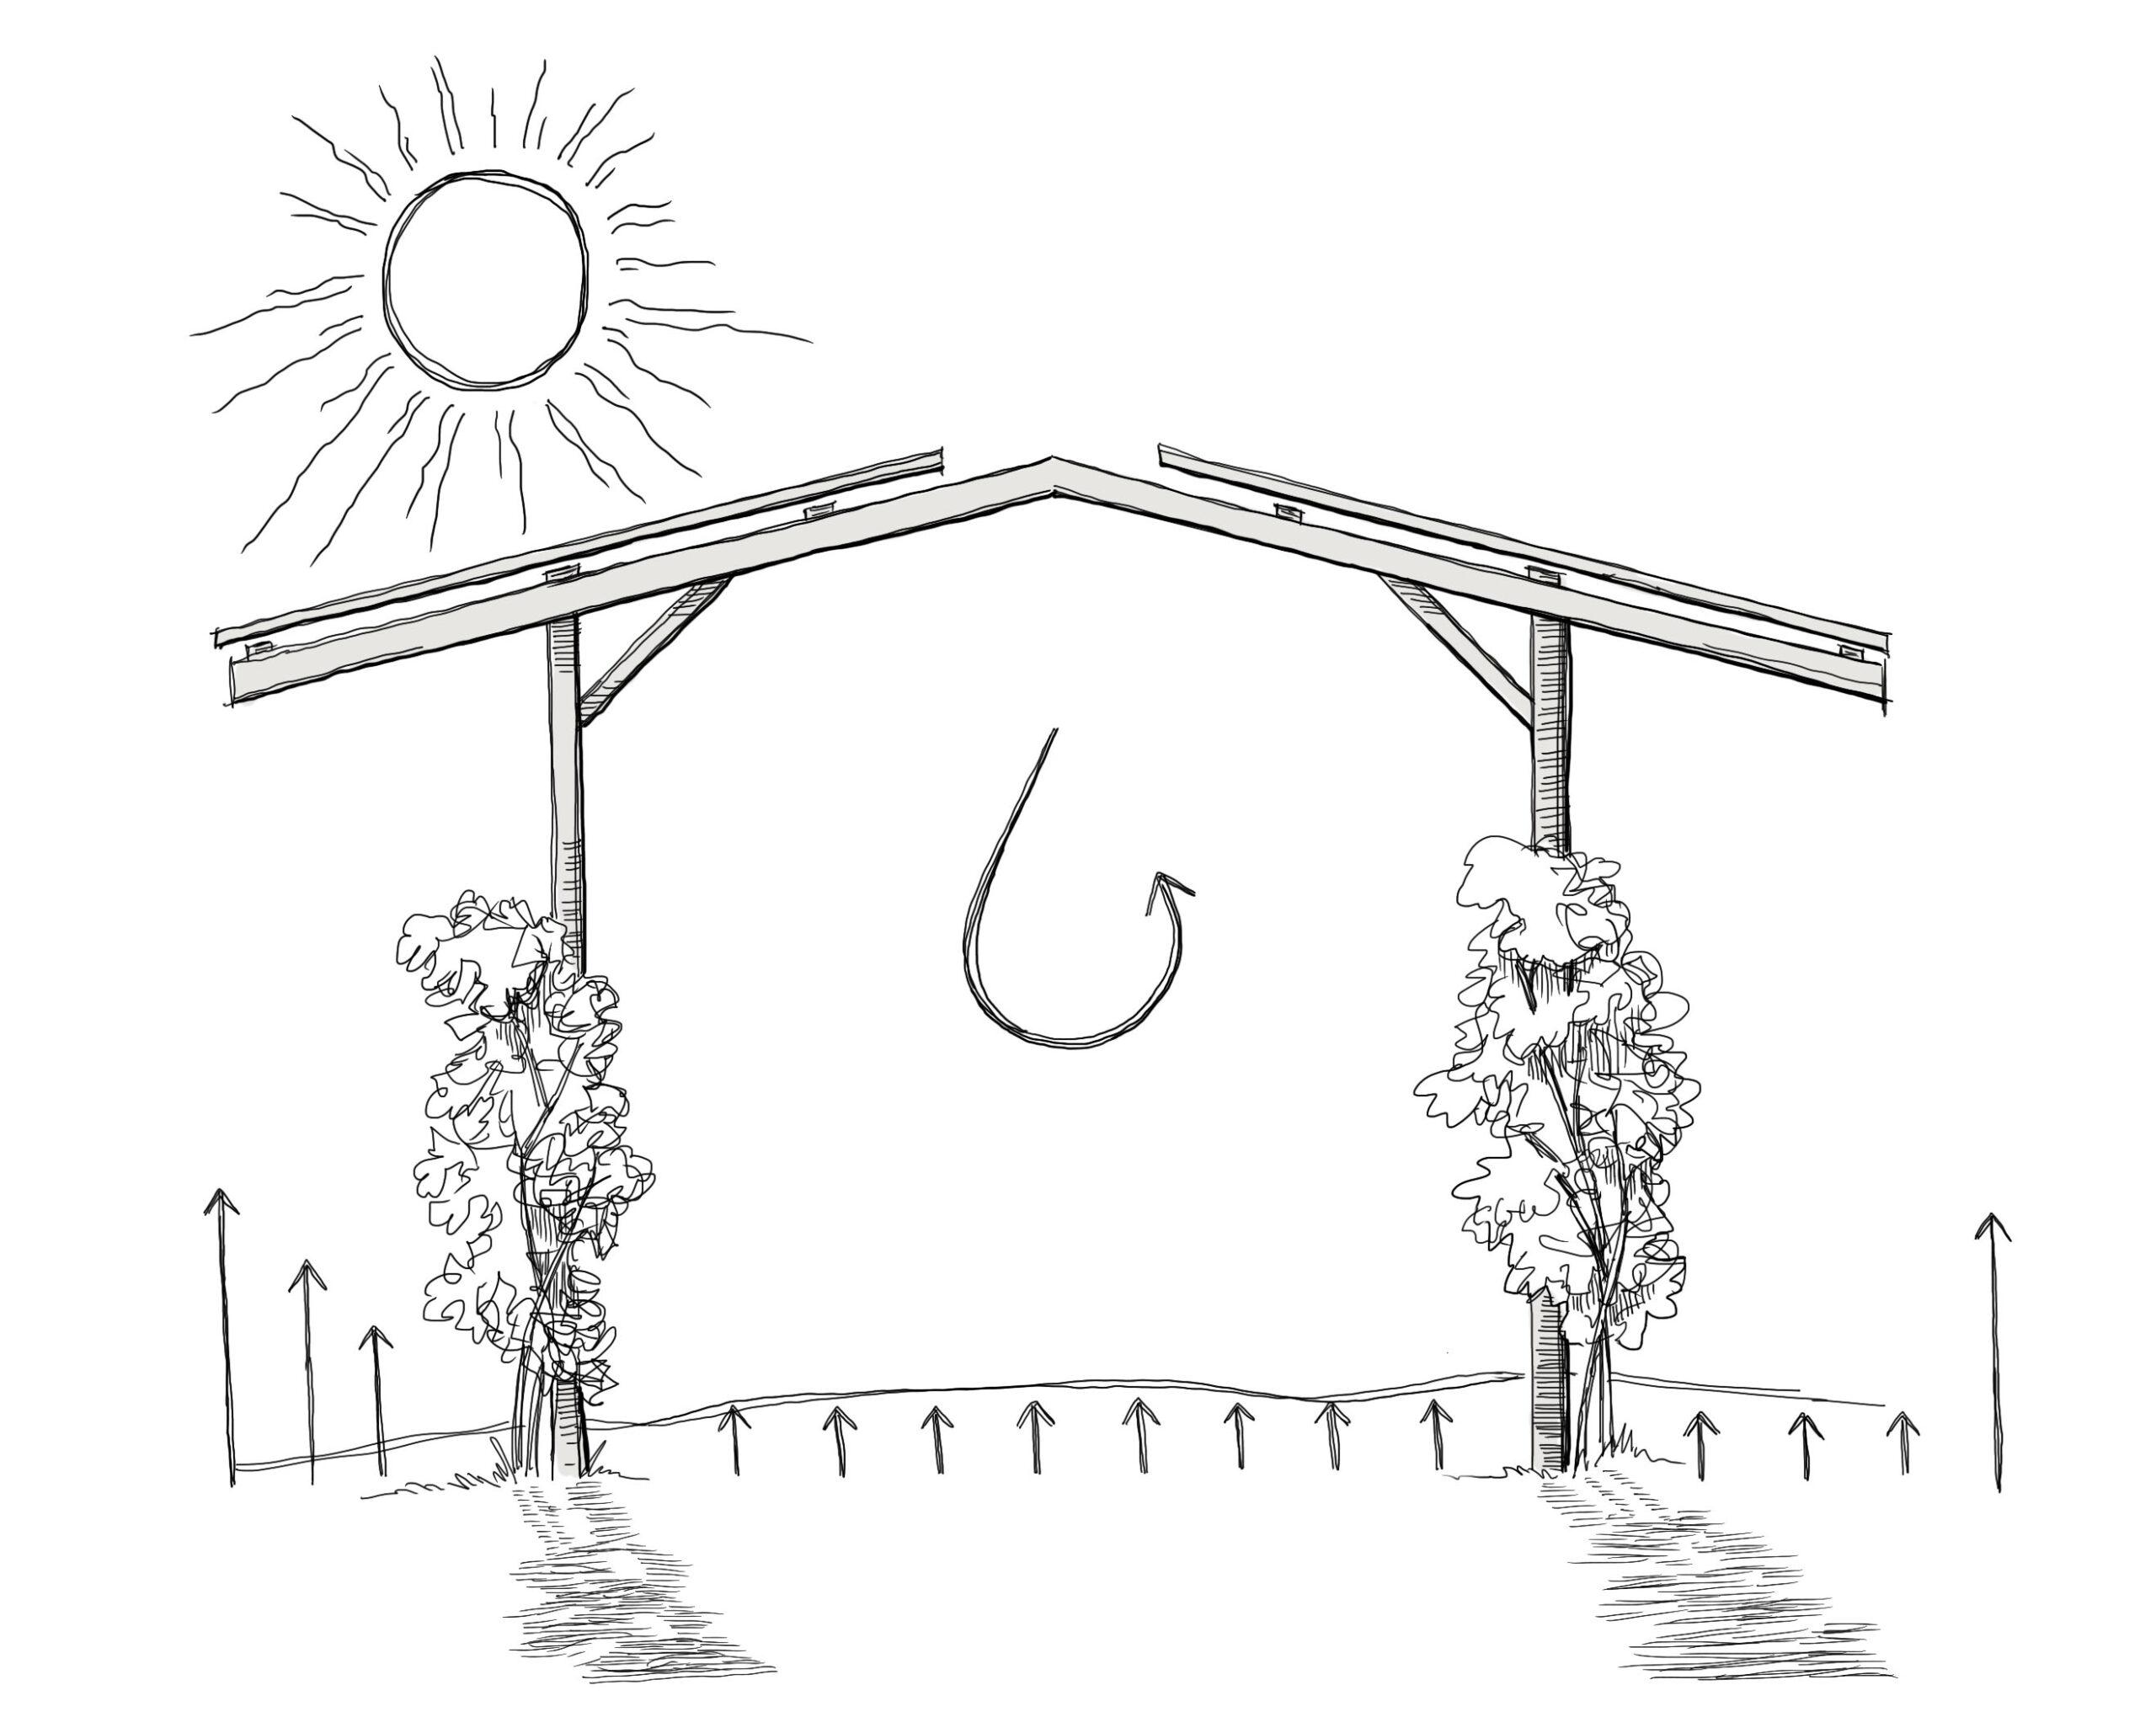 Vorteile-Agri-PV-Solardach-über-Agrarfläche optimierte Bewässerung